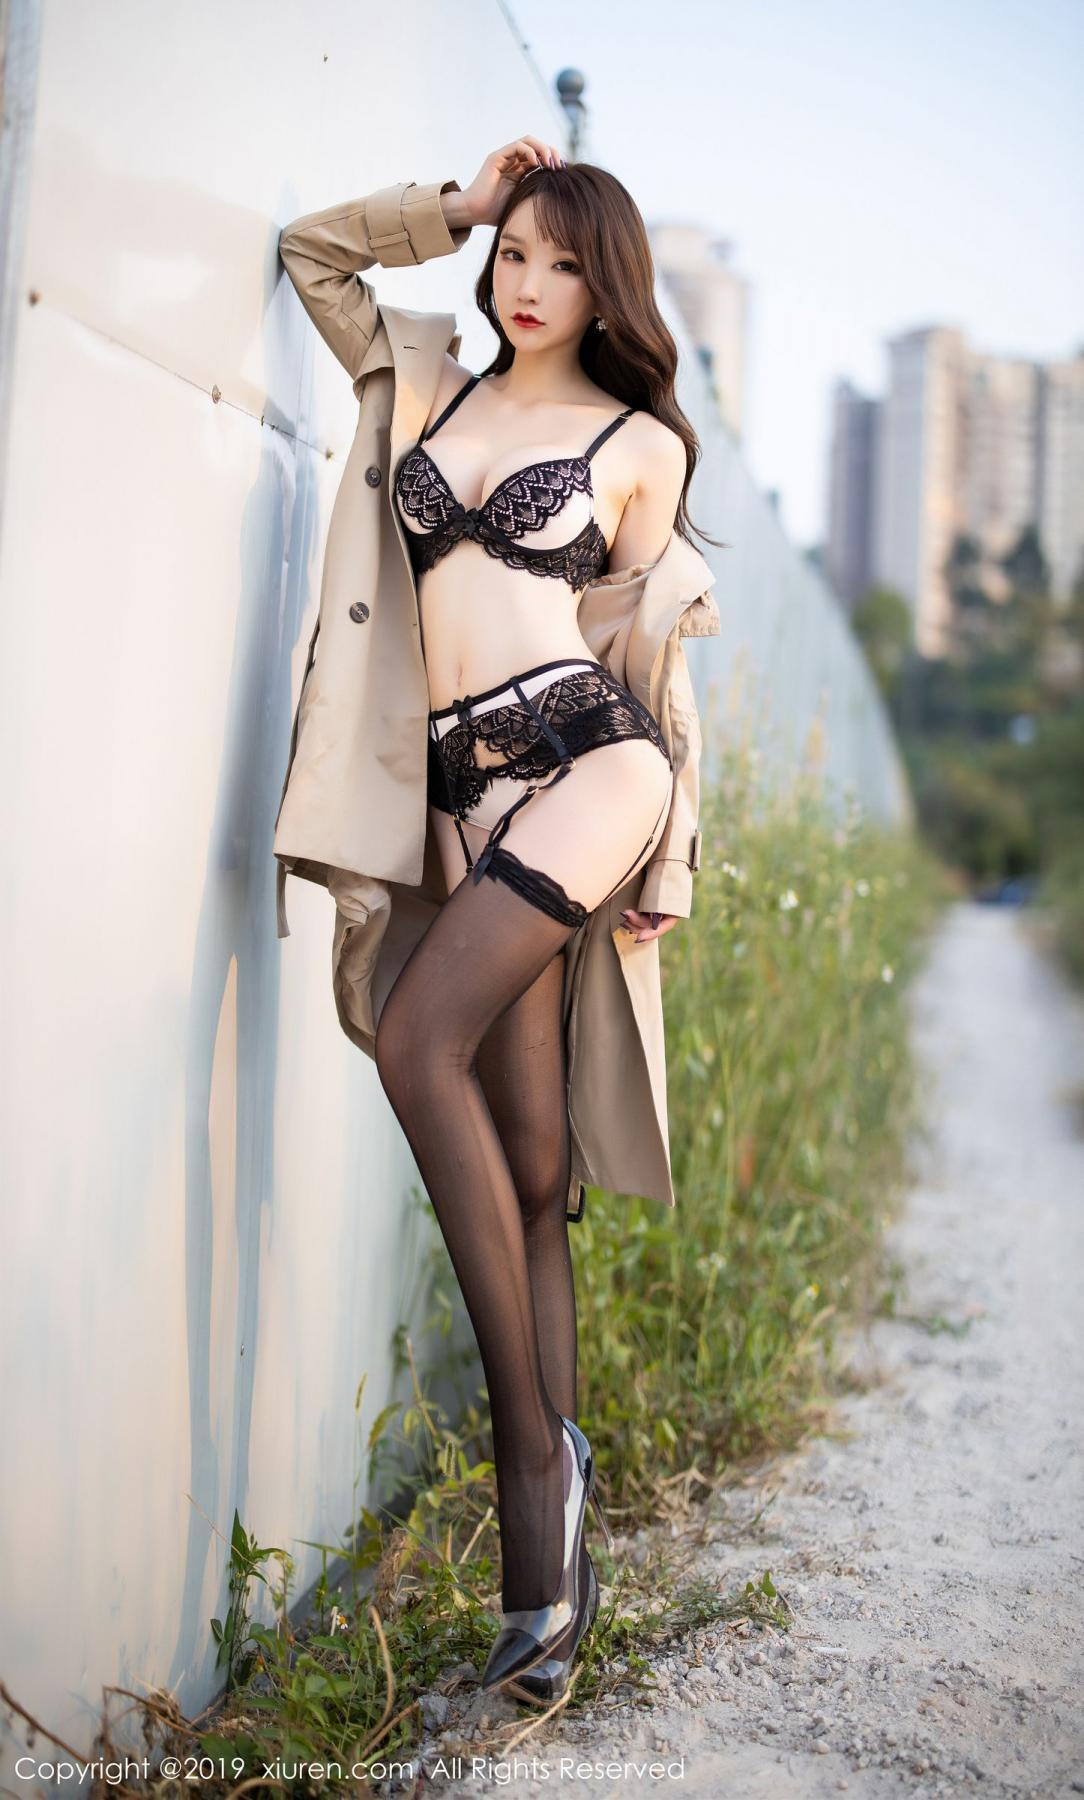 [XiuRen] Vol.1876 Zhou Yu Xi 88P, Black Silk, Outdoor, Underwear, Xiuren, Zhou Yu Xi